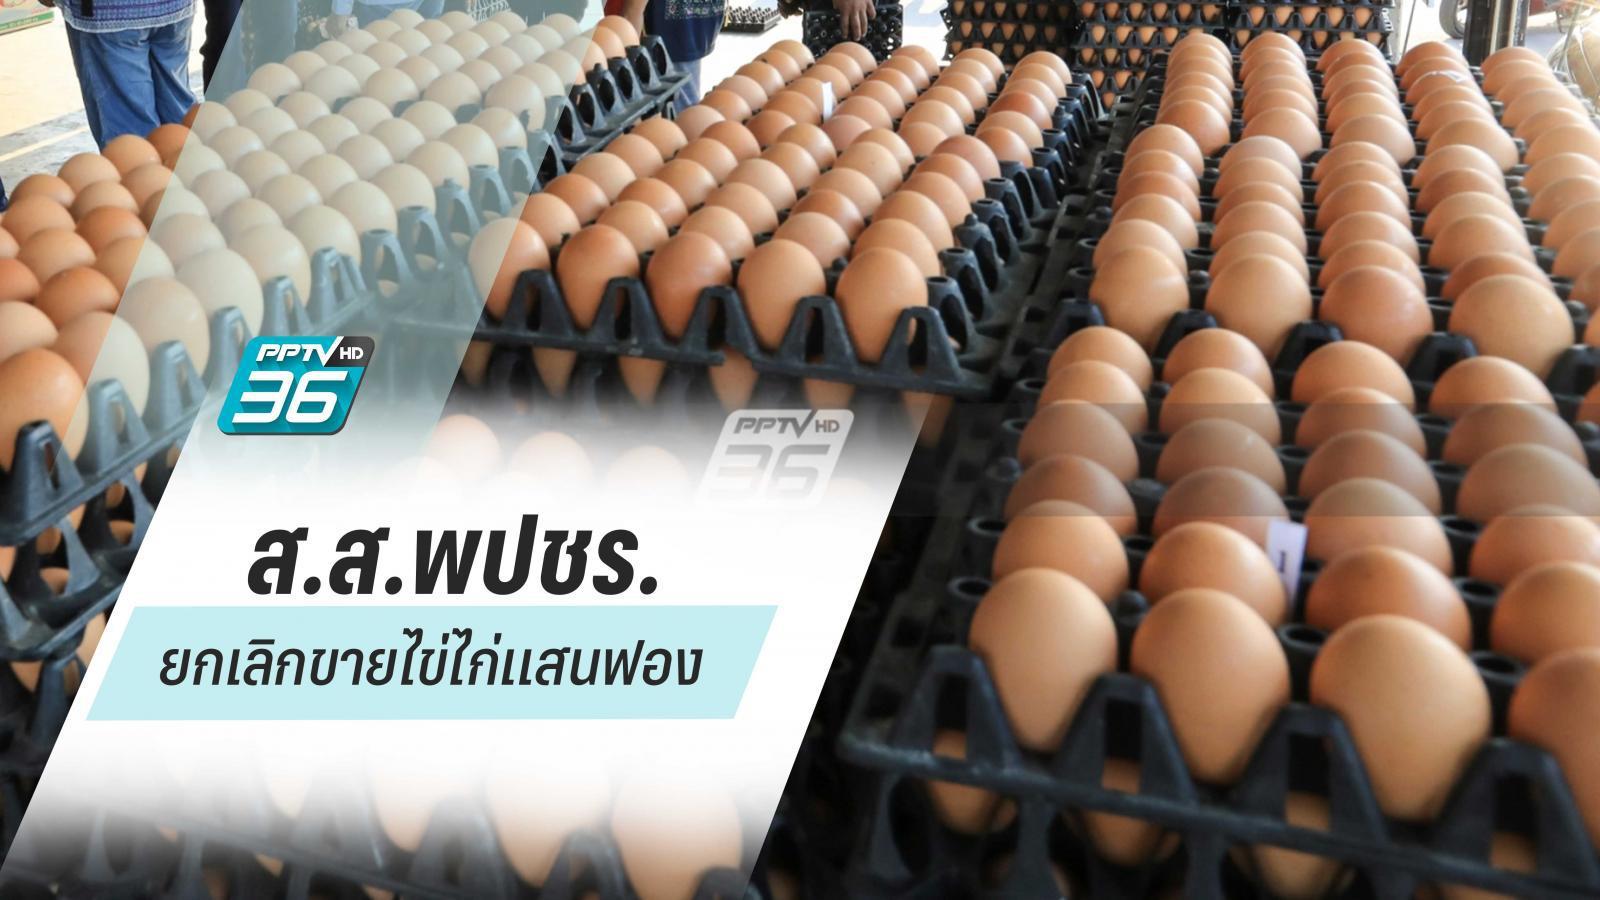 ส.ส.พปชร.ยกเลิก นำไข่ไก่แสนฟอง มาขายหน้าพรรค